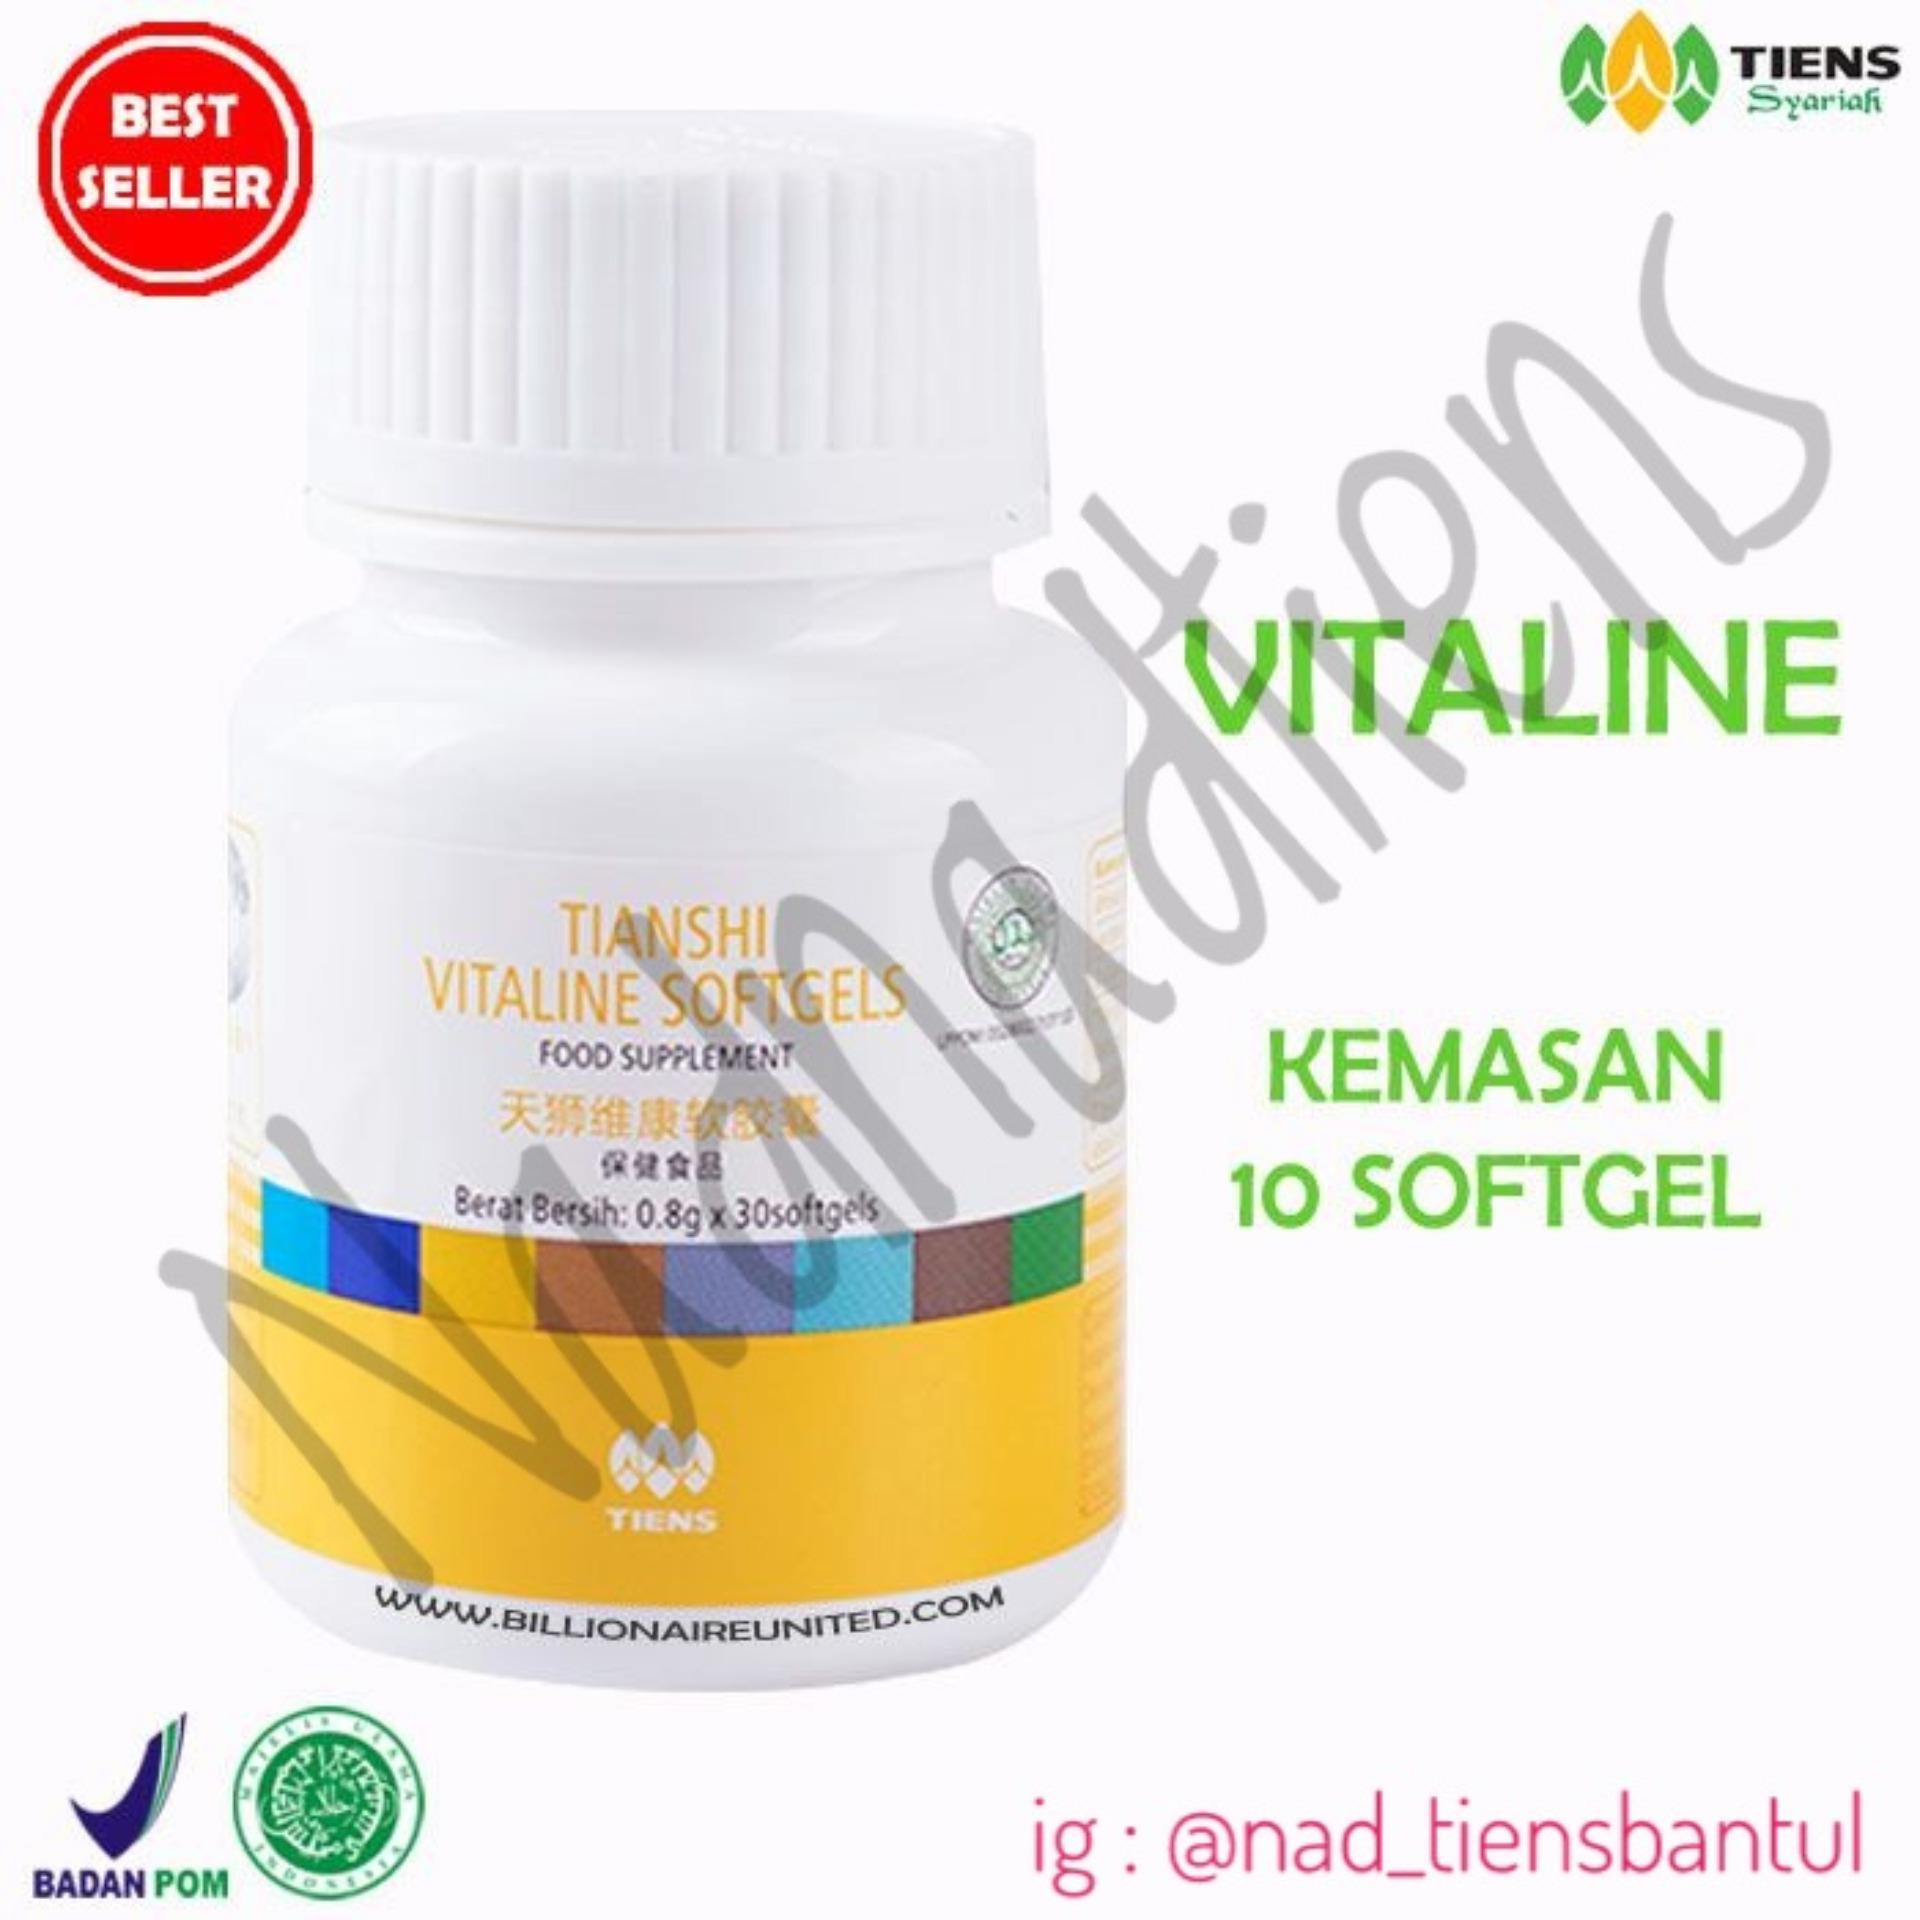 Jual Beli Tiens Vitaline Softgel Suplemen Pemutih Wajah Dan Seluruh Tubuh Vitamin E 10 Kapsul Nadnadtiens Di Indonesia